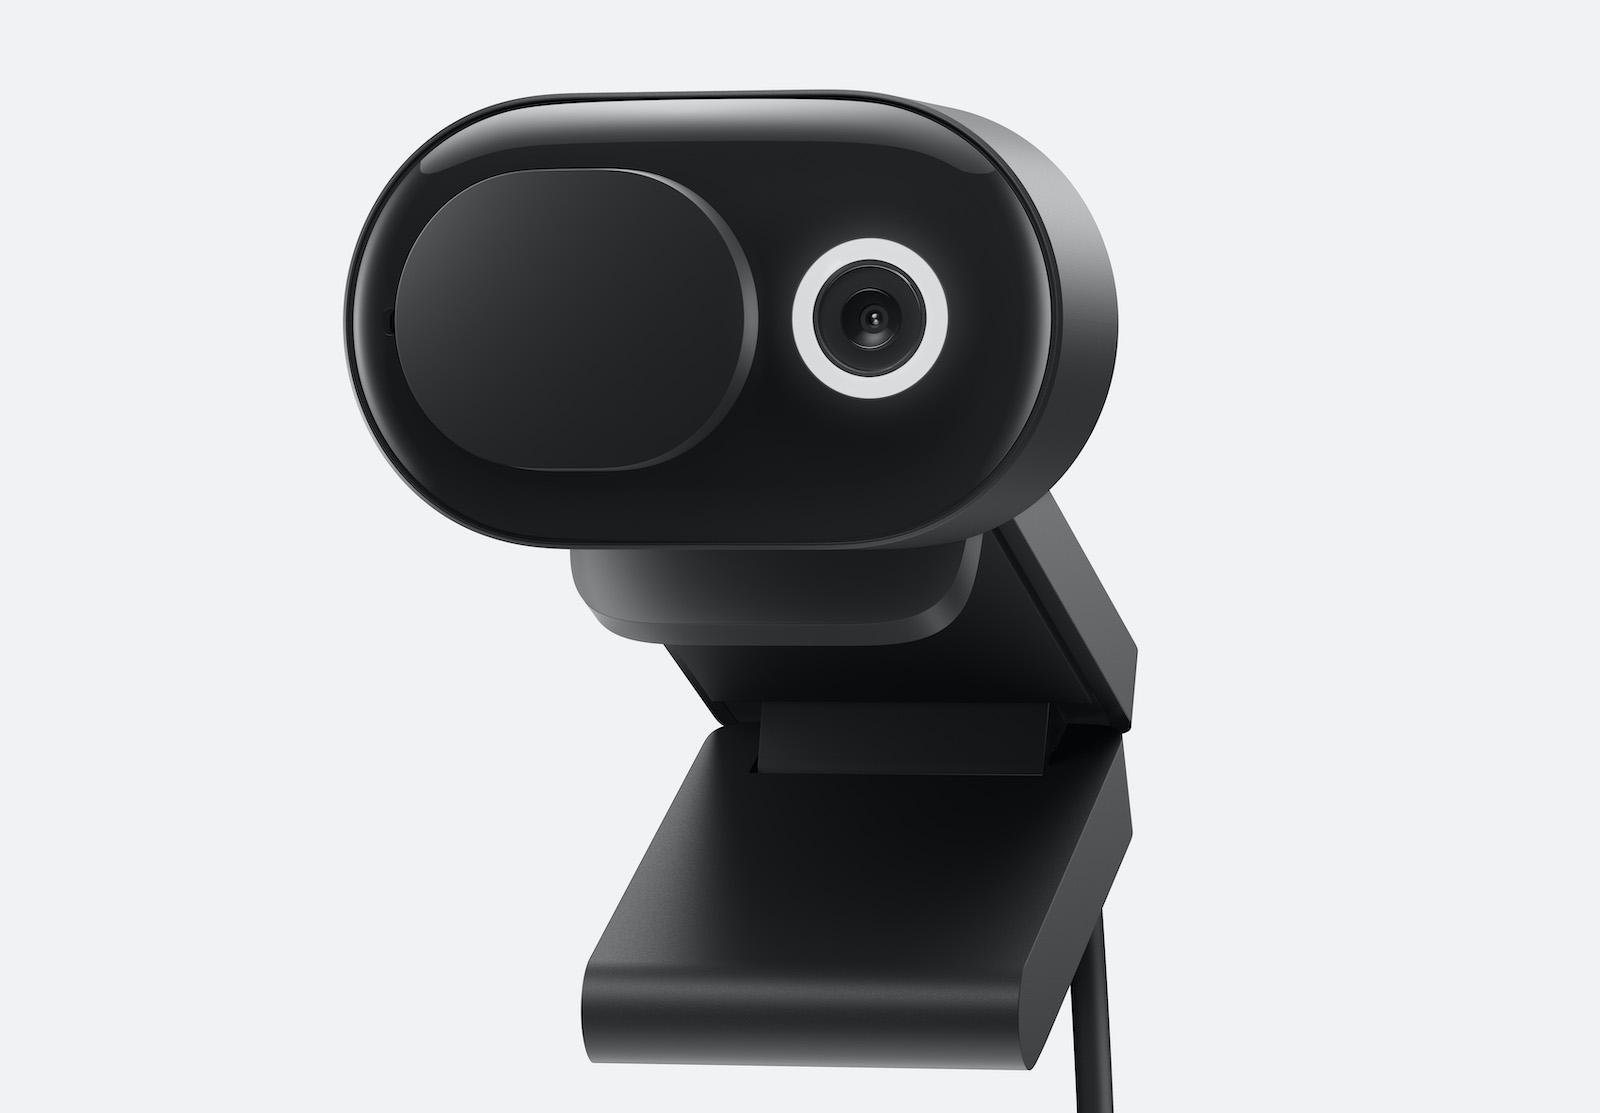 微軟現代網絡攝像頭